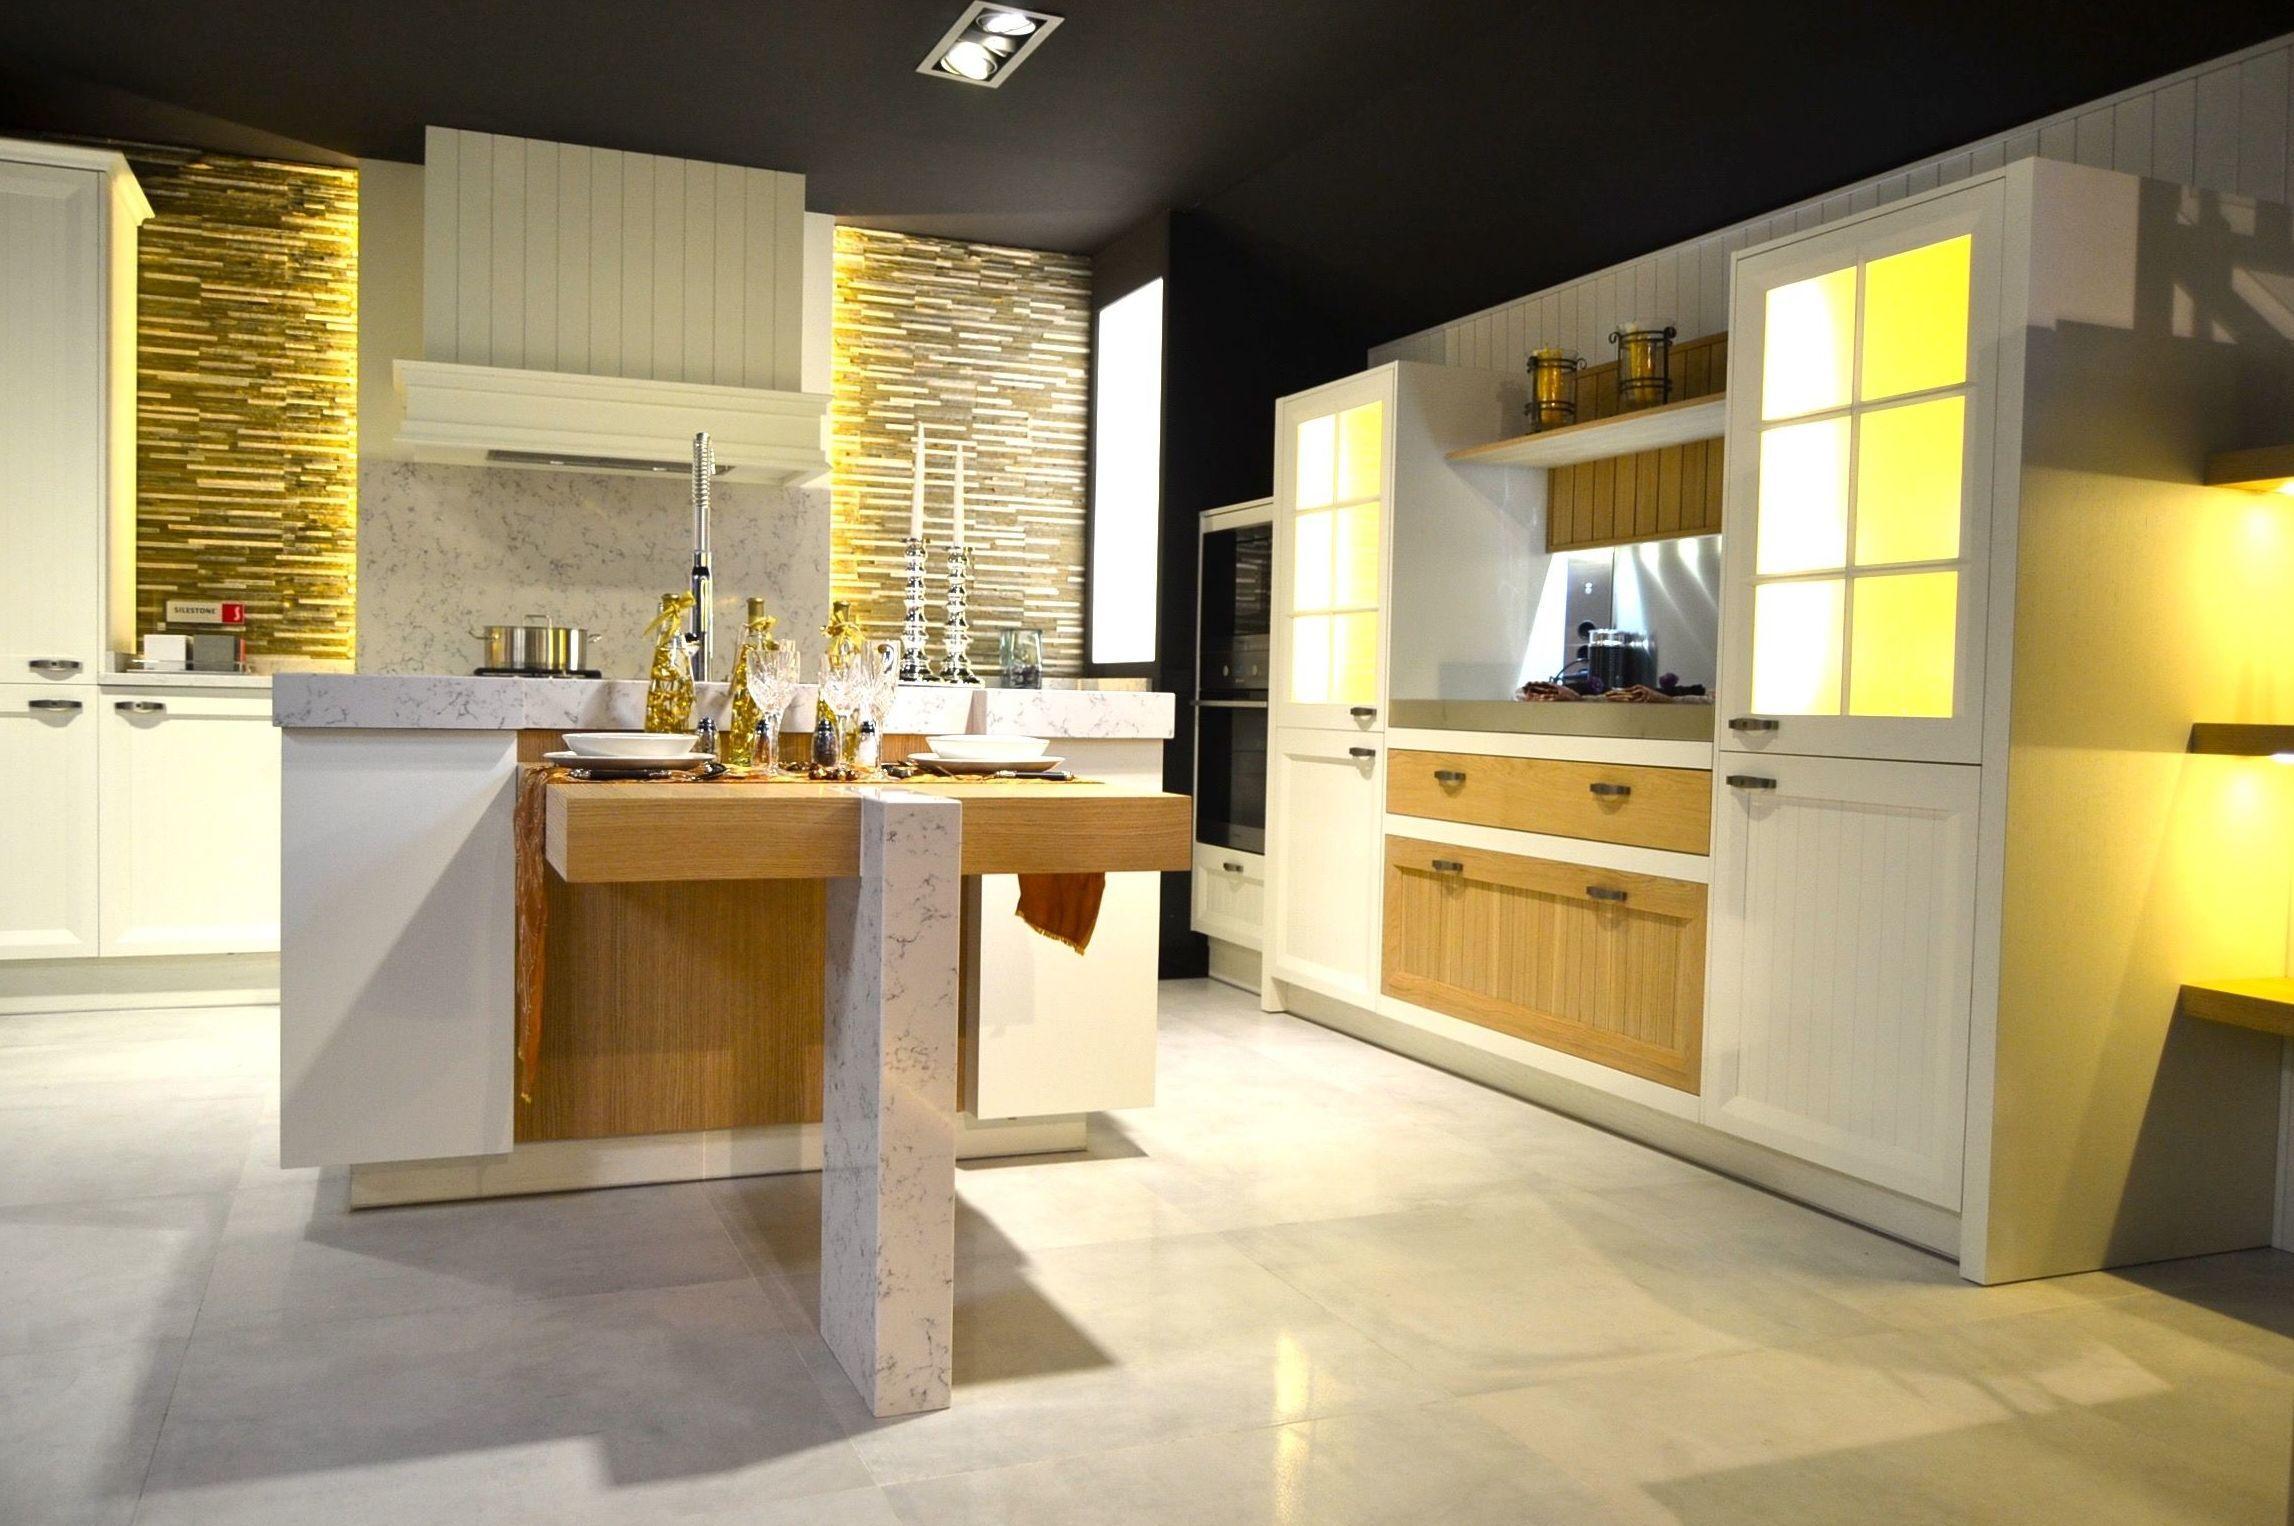 Muebles de cocina a medida en Madrid sur y electrodomésticos